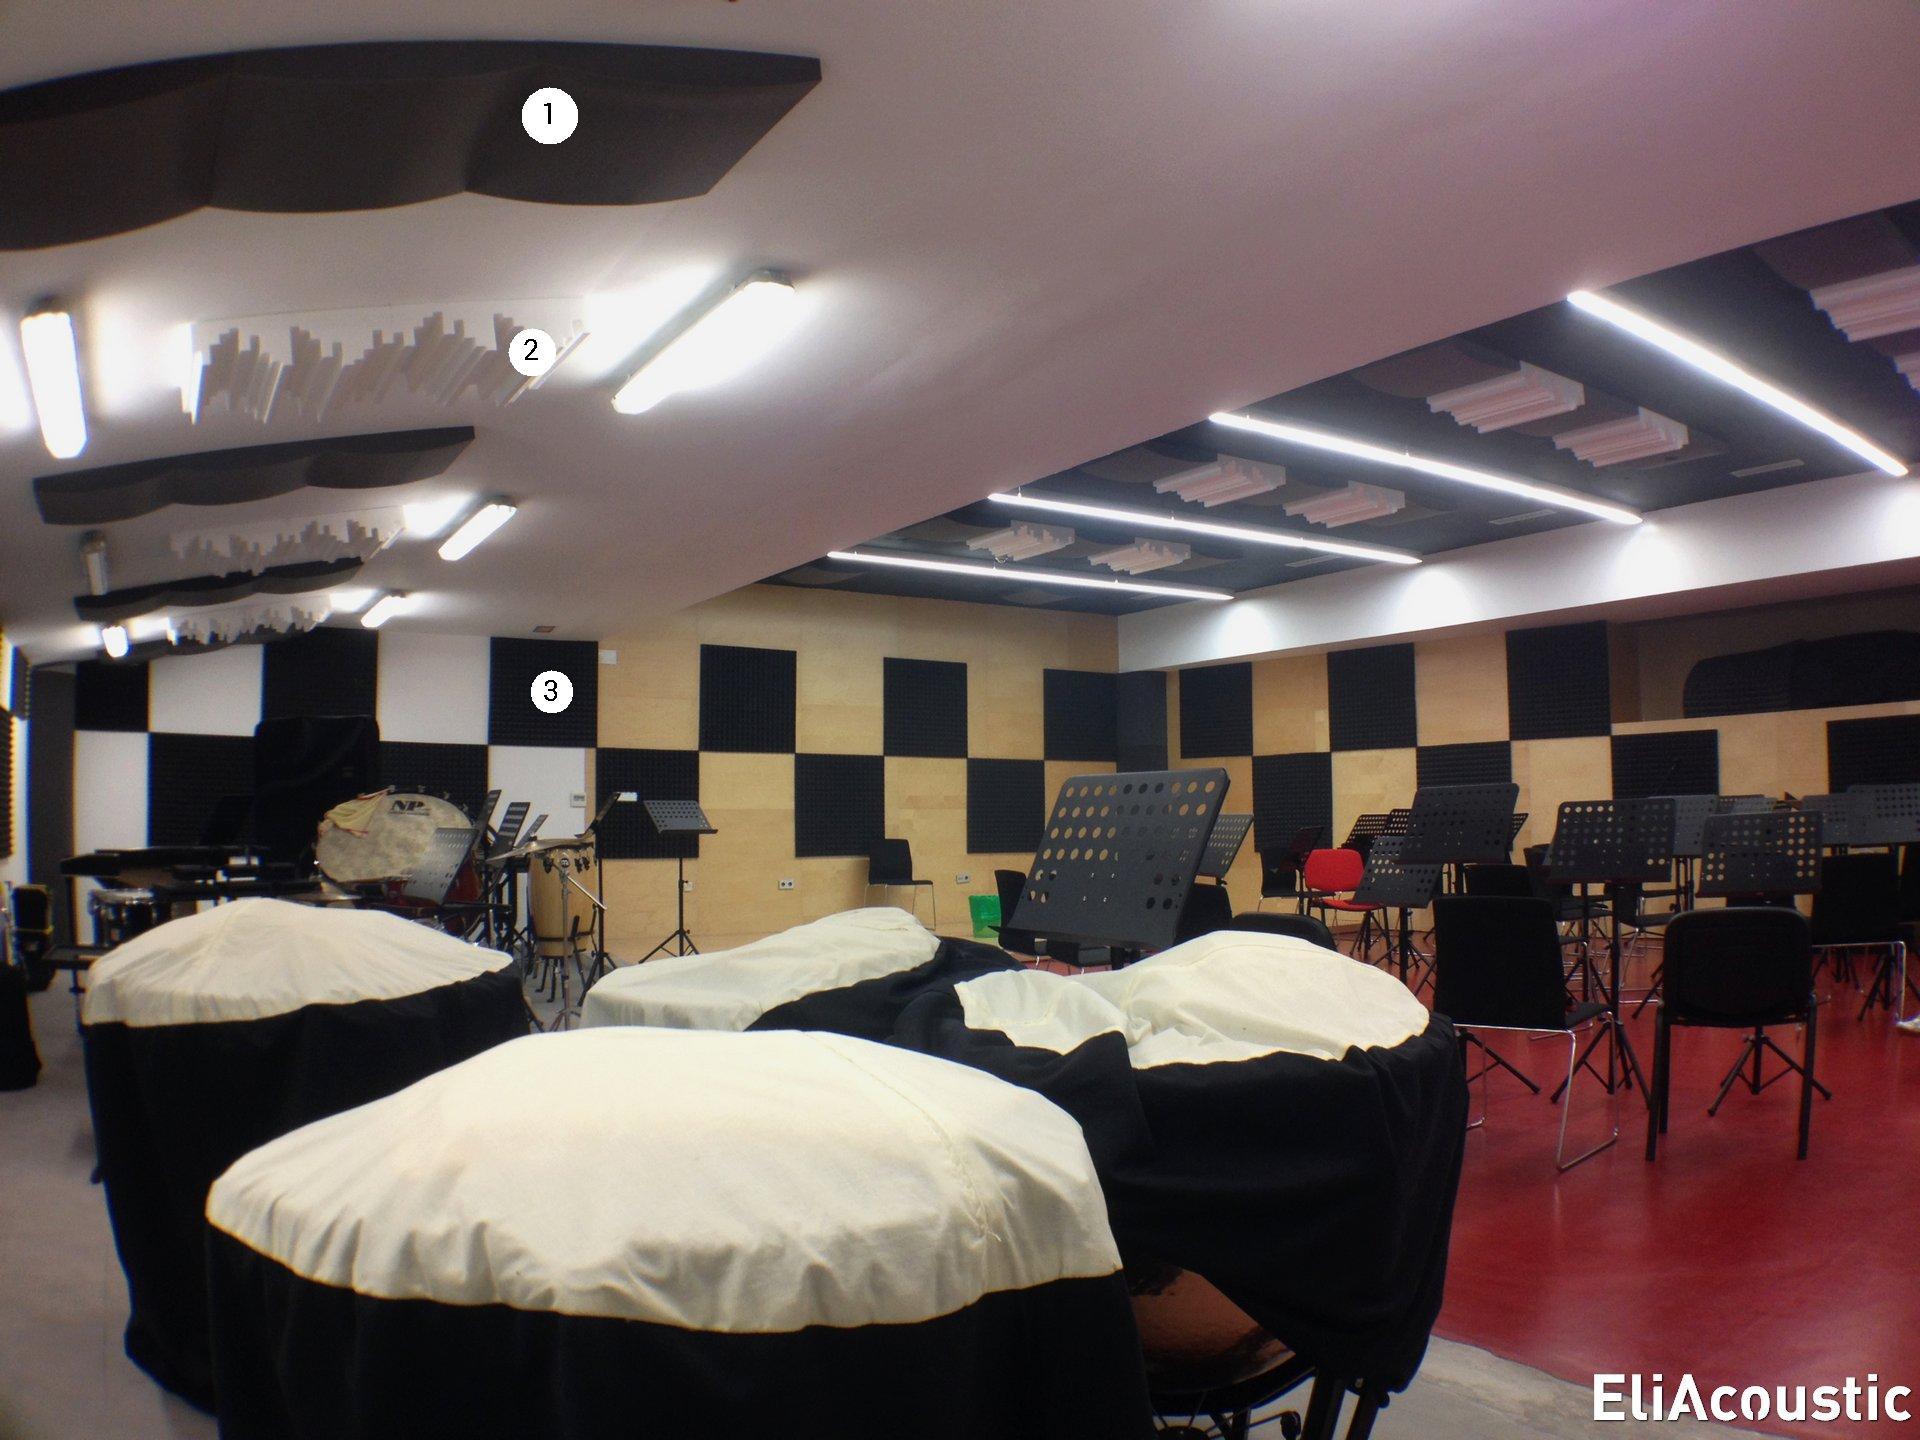 mejorar el sonido en sala de ensayos con paneles acusticos decorativos